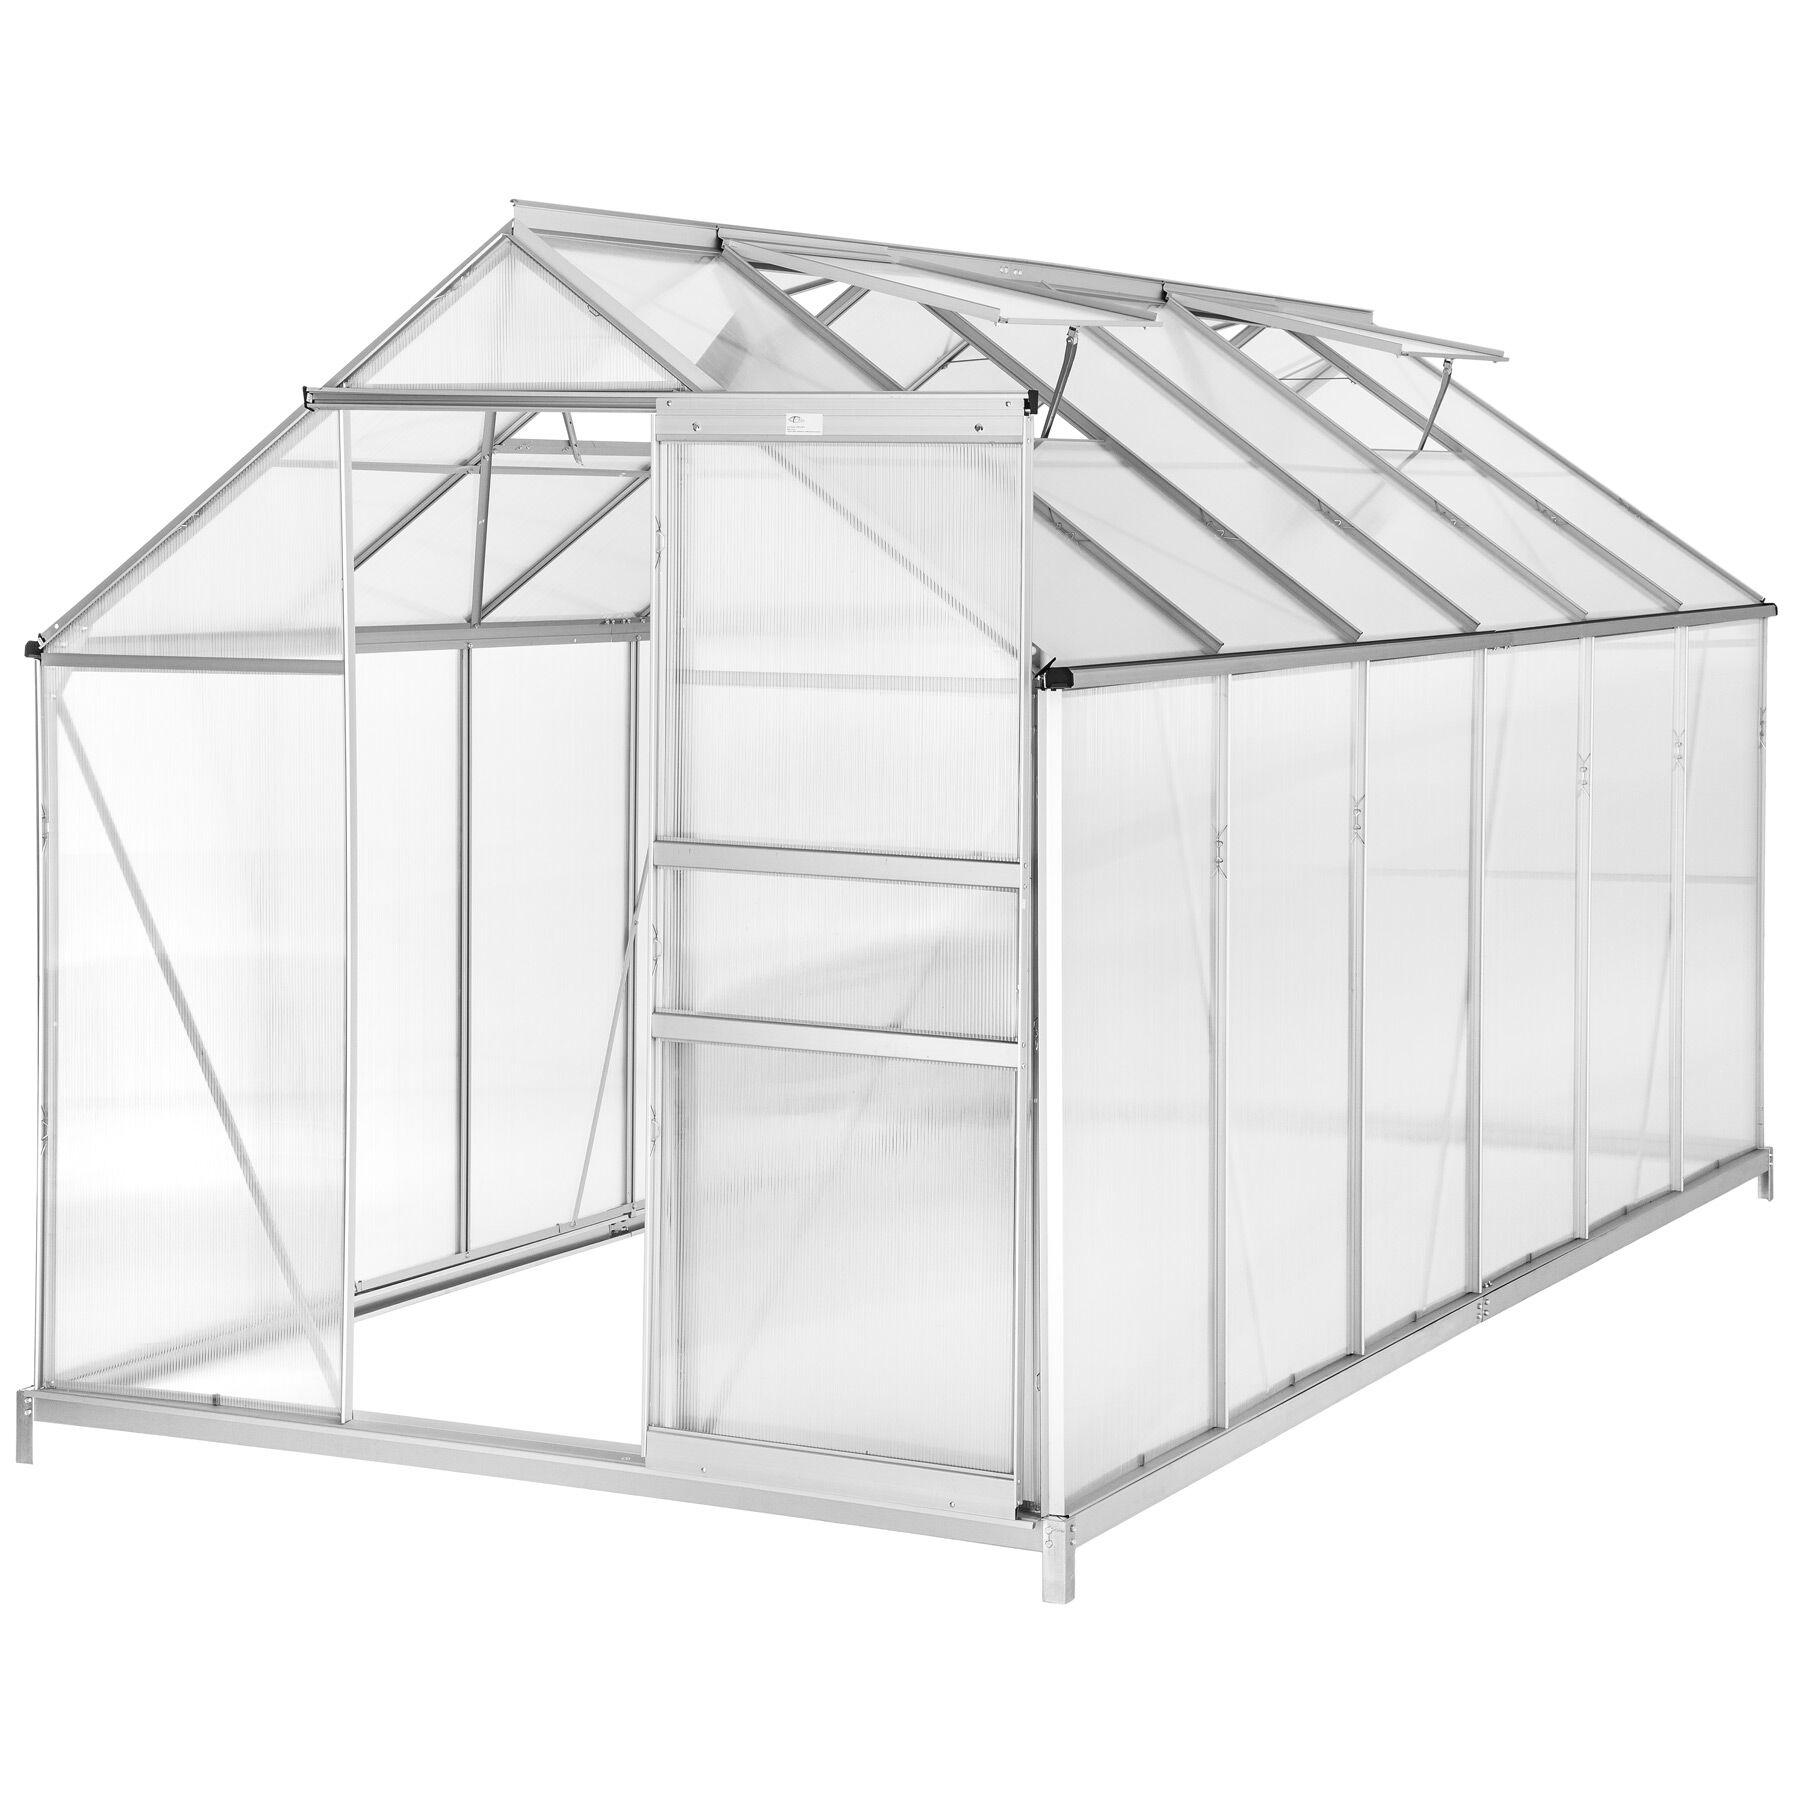 tectake serra in alluminio e policarbonato con fondamenta - 375 x 185 x 195 cm